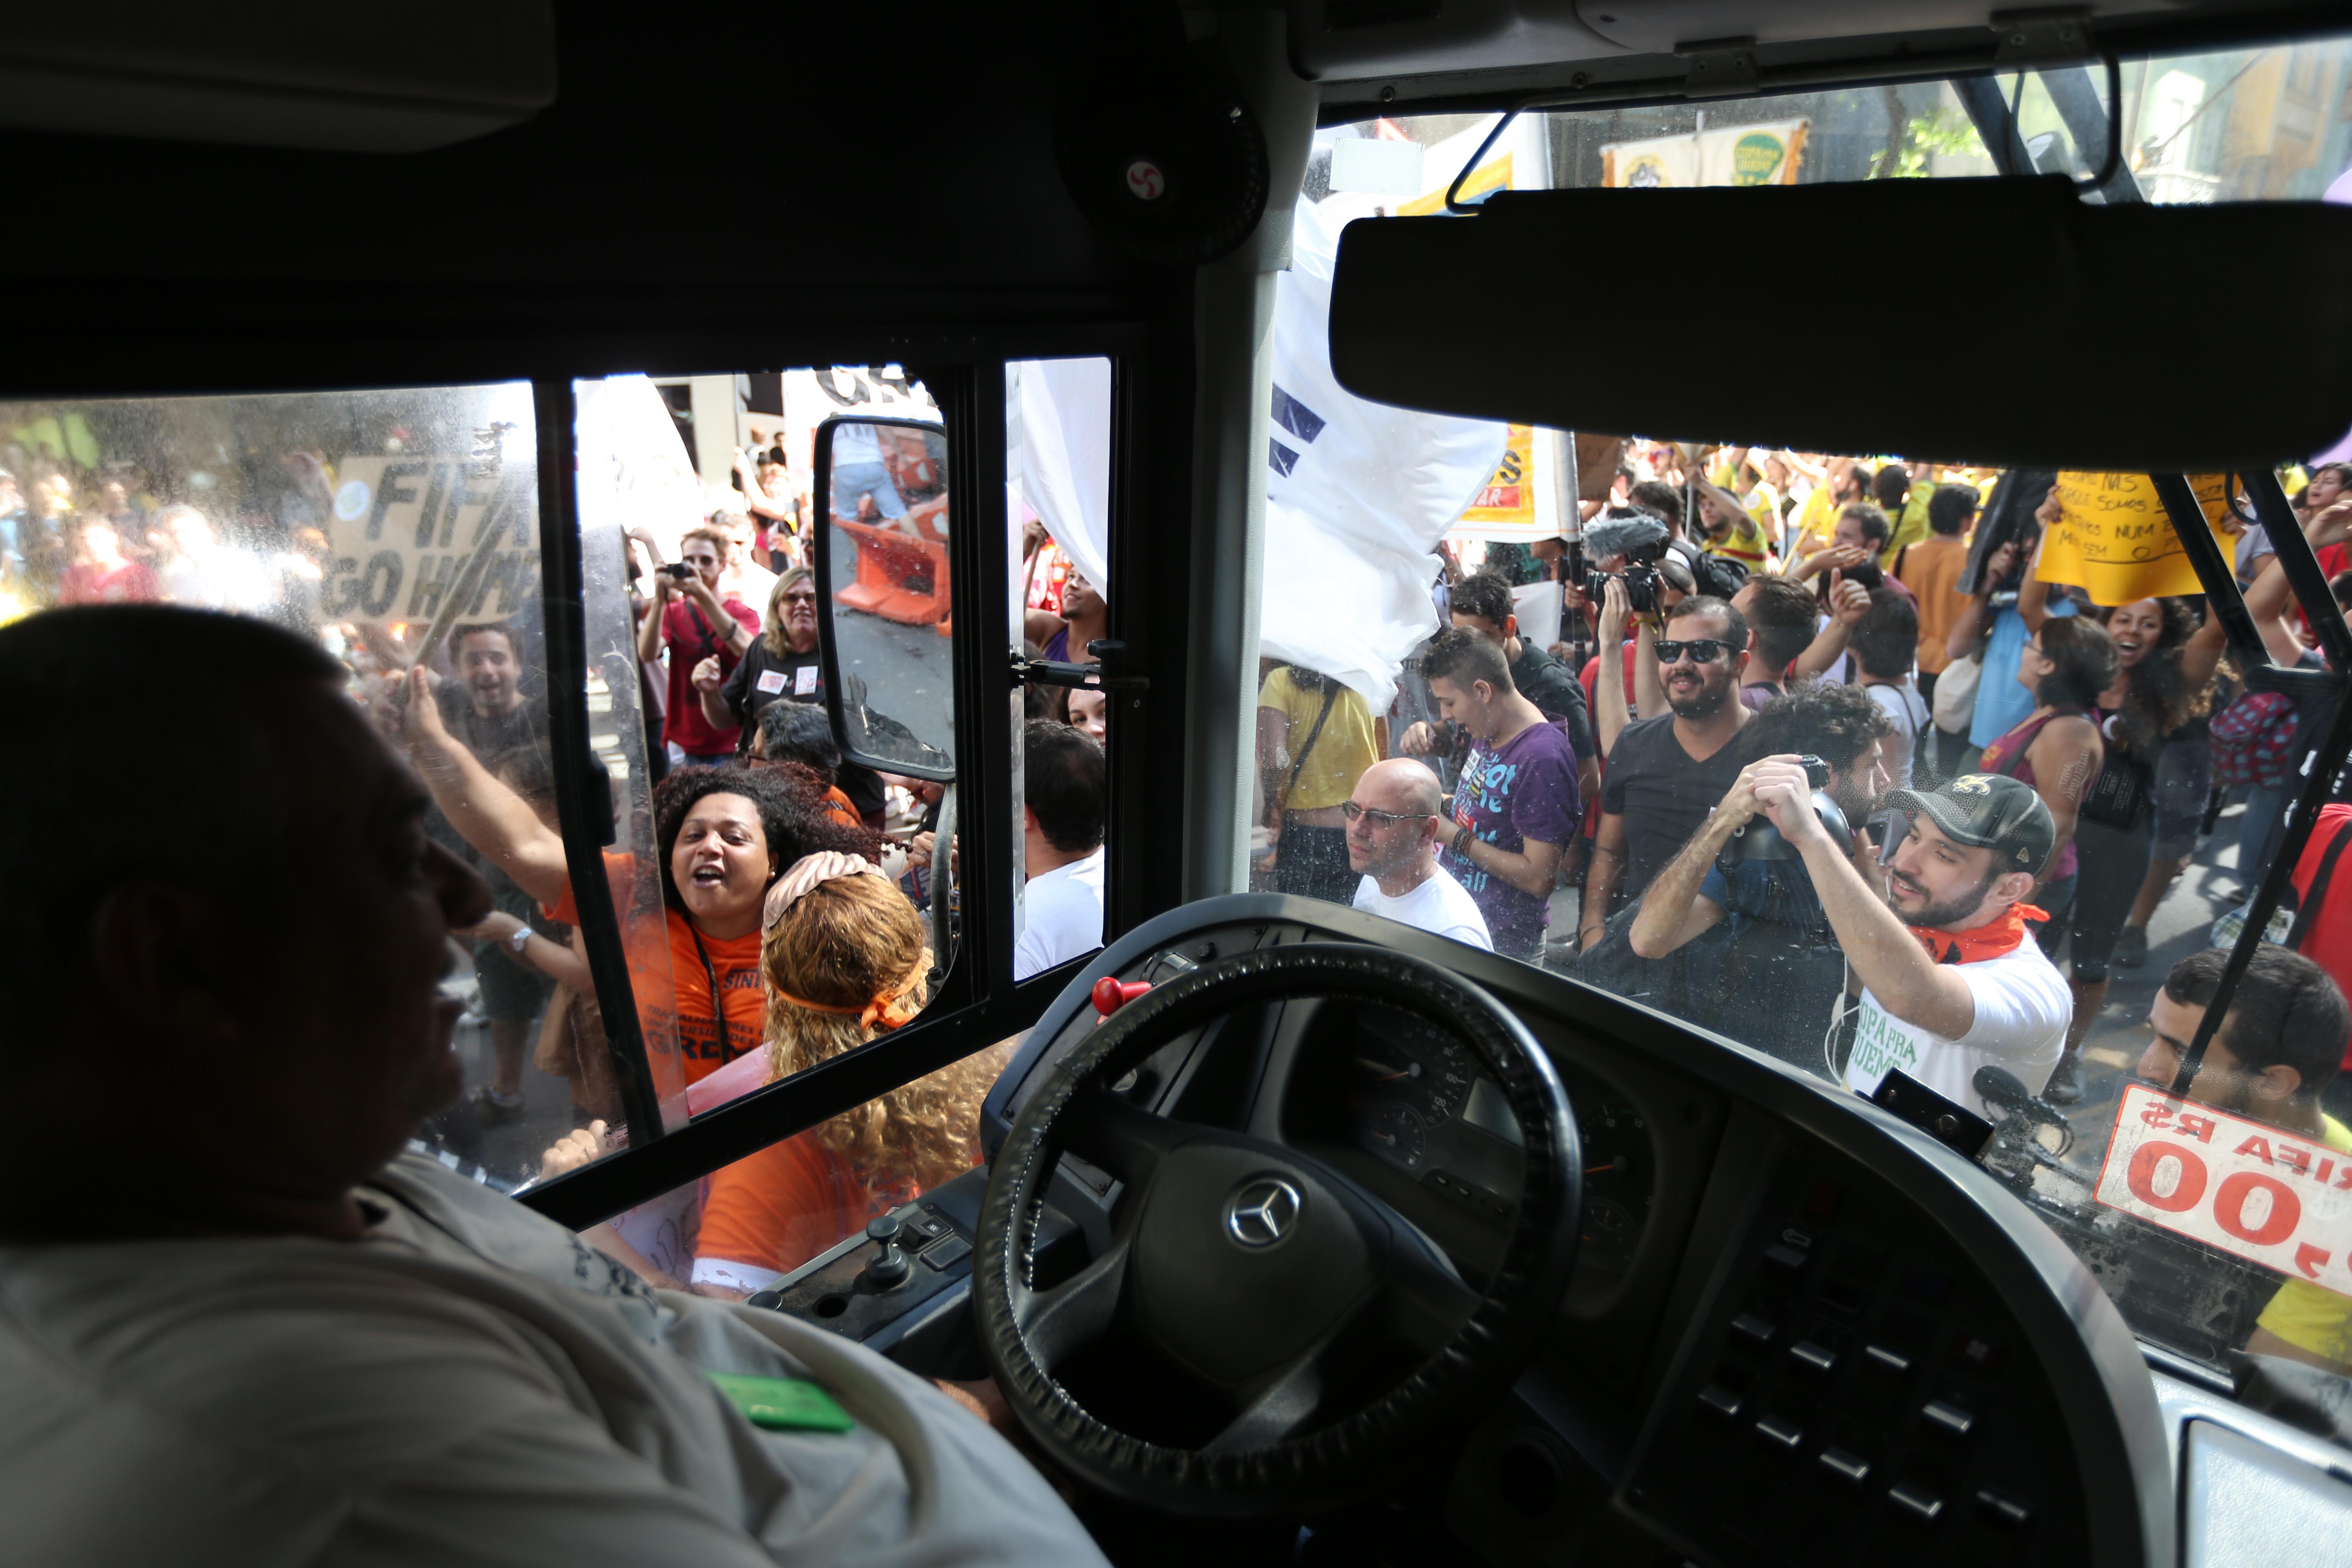 CAMPIONATUL MONDIAL DE FOTBAL 2014. A inceput Turneul final al Cupei Mondiale din Brazilia: fotbal, samba si violente